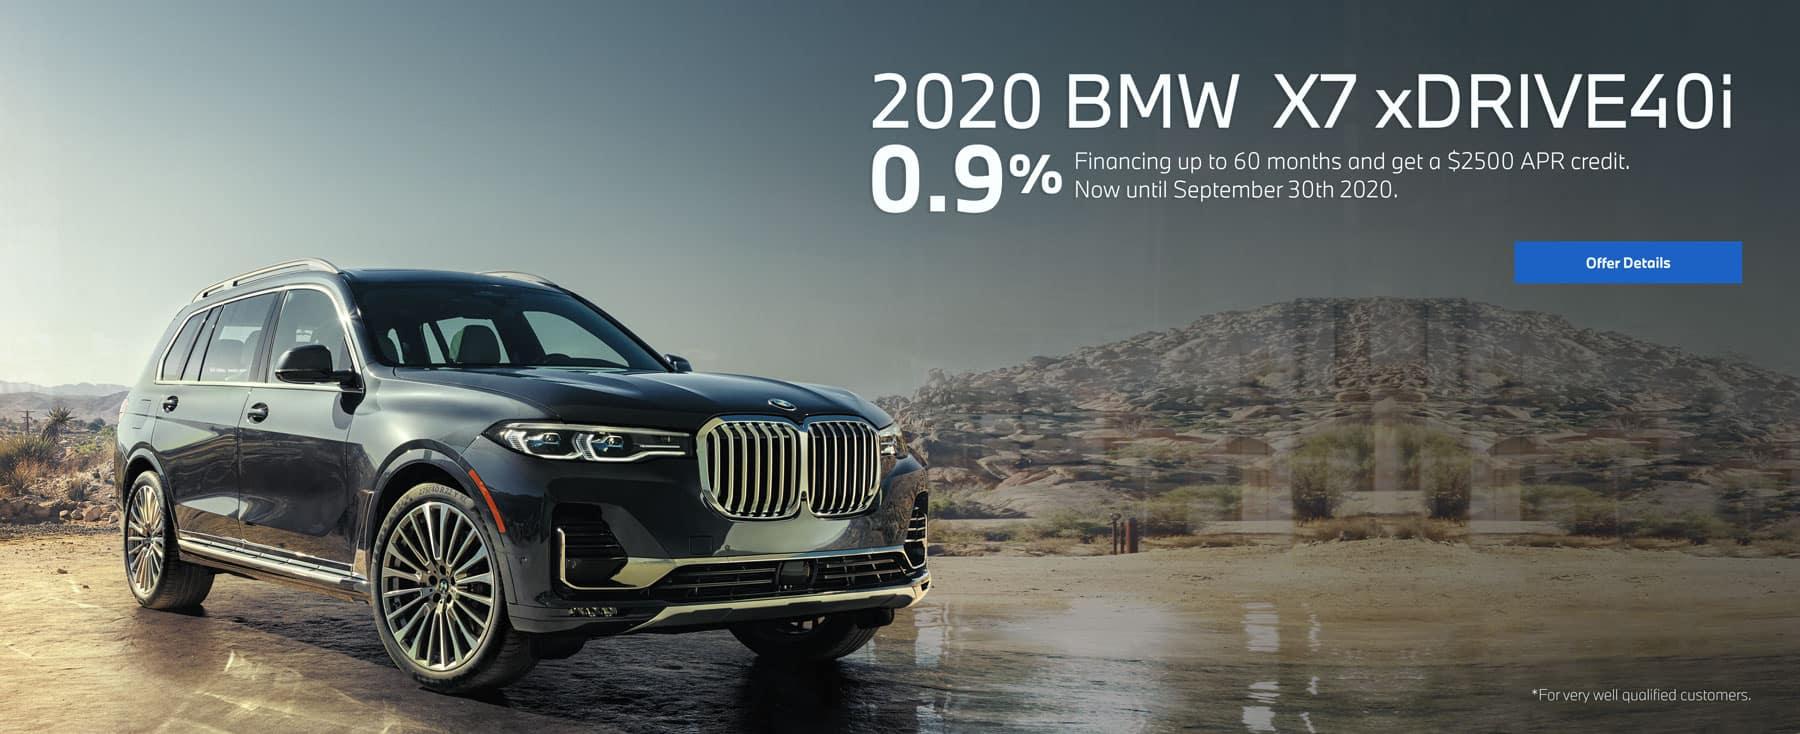 2020 BMW x7 xDrive40i 0.9%